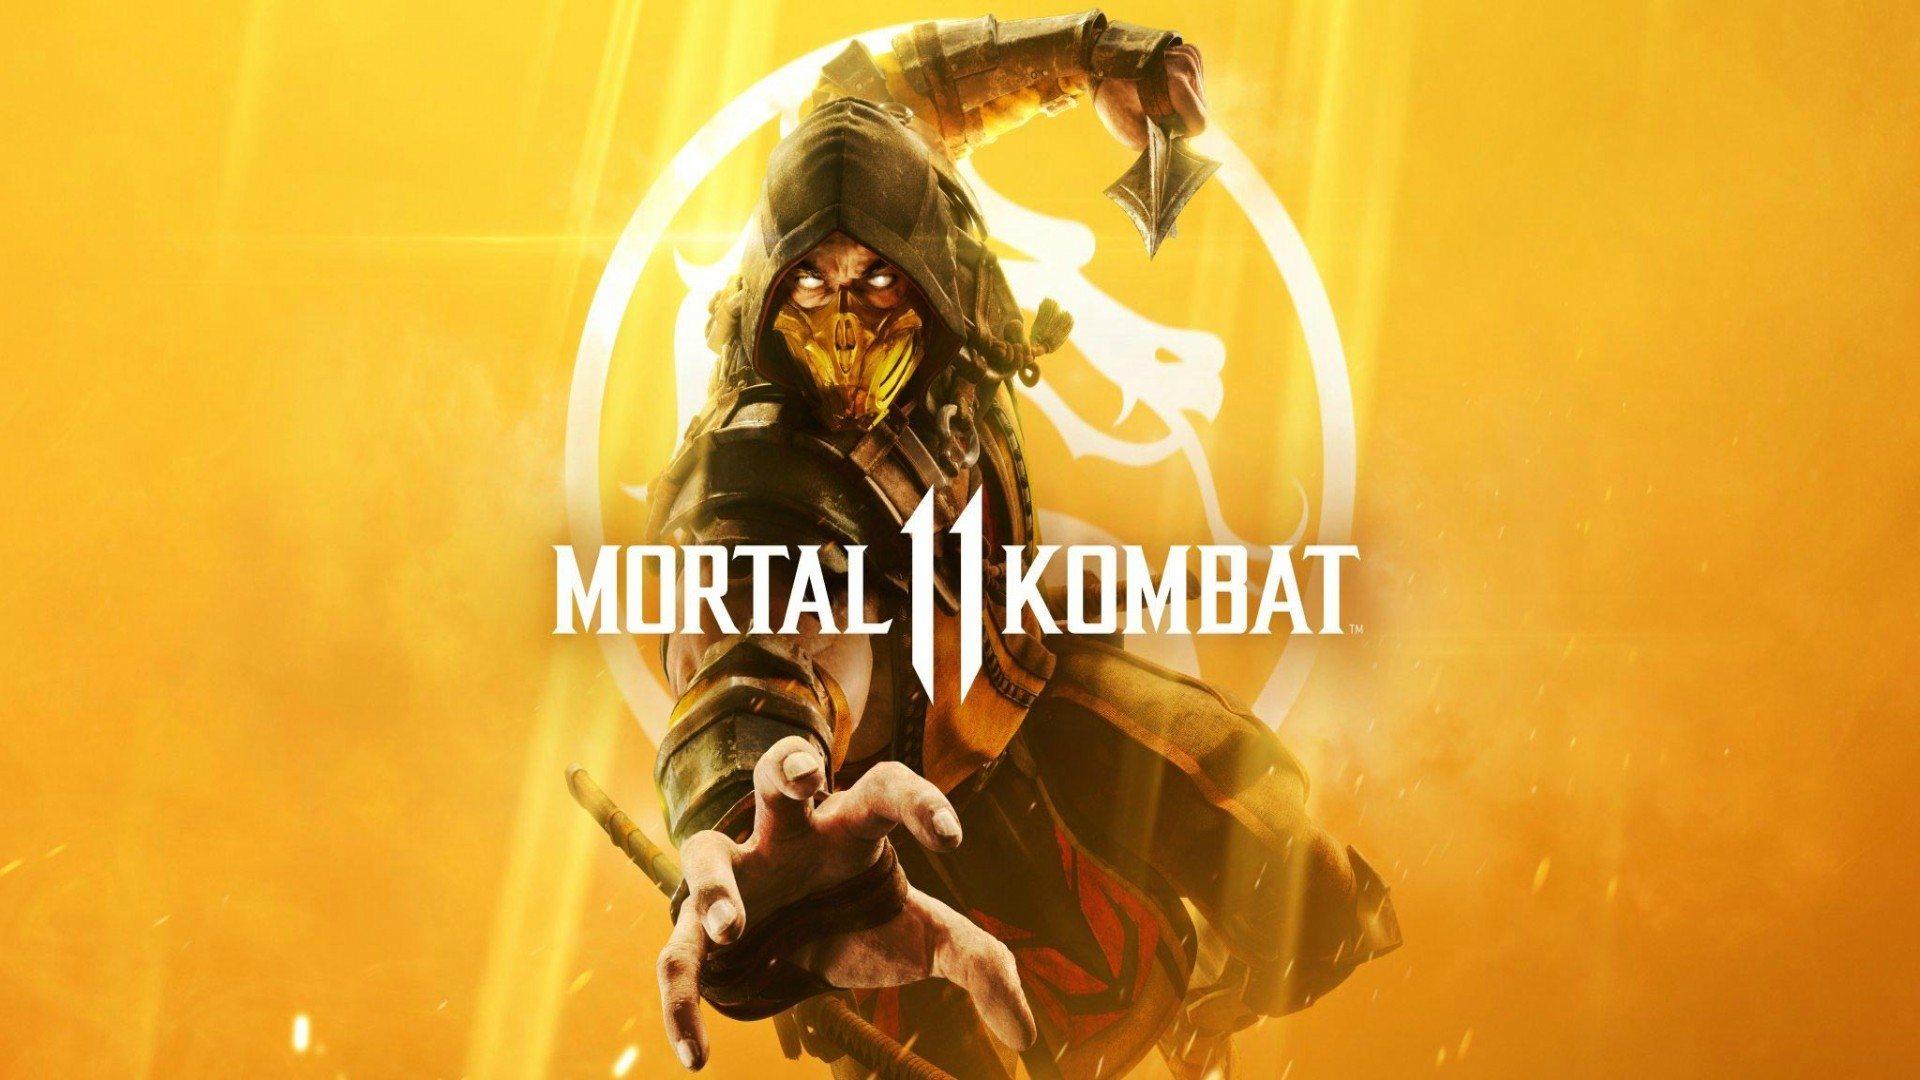 Mortal Kombat 11; screenshot: wallpaper